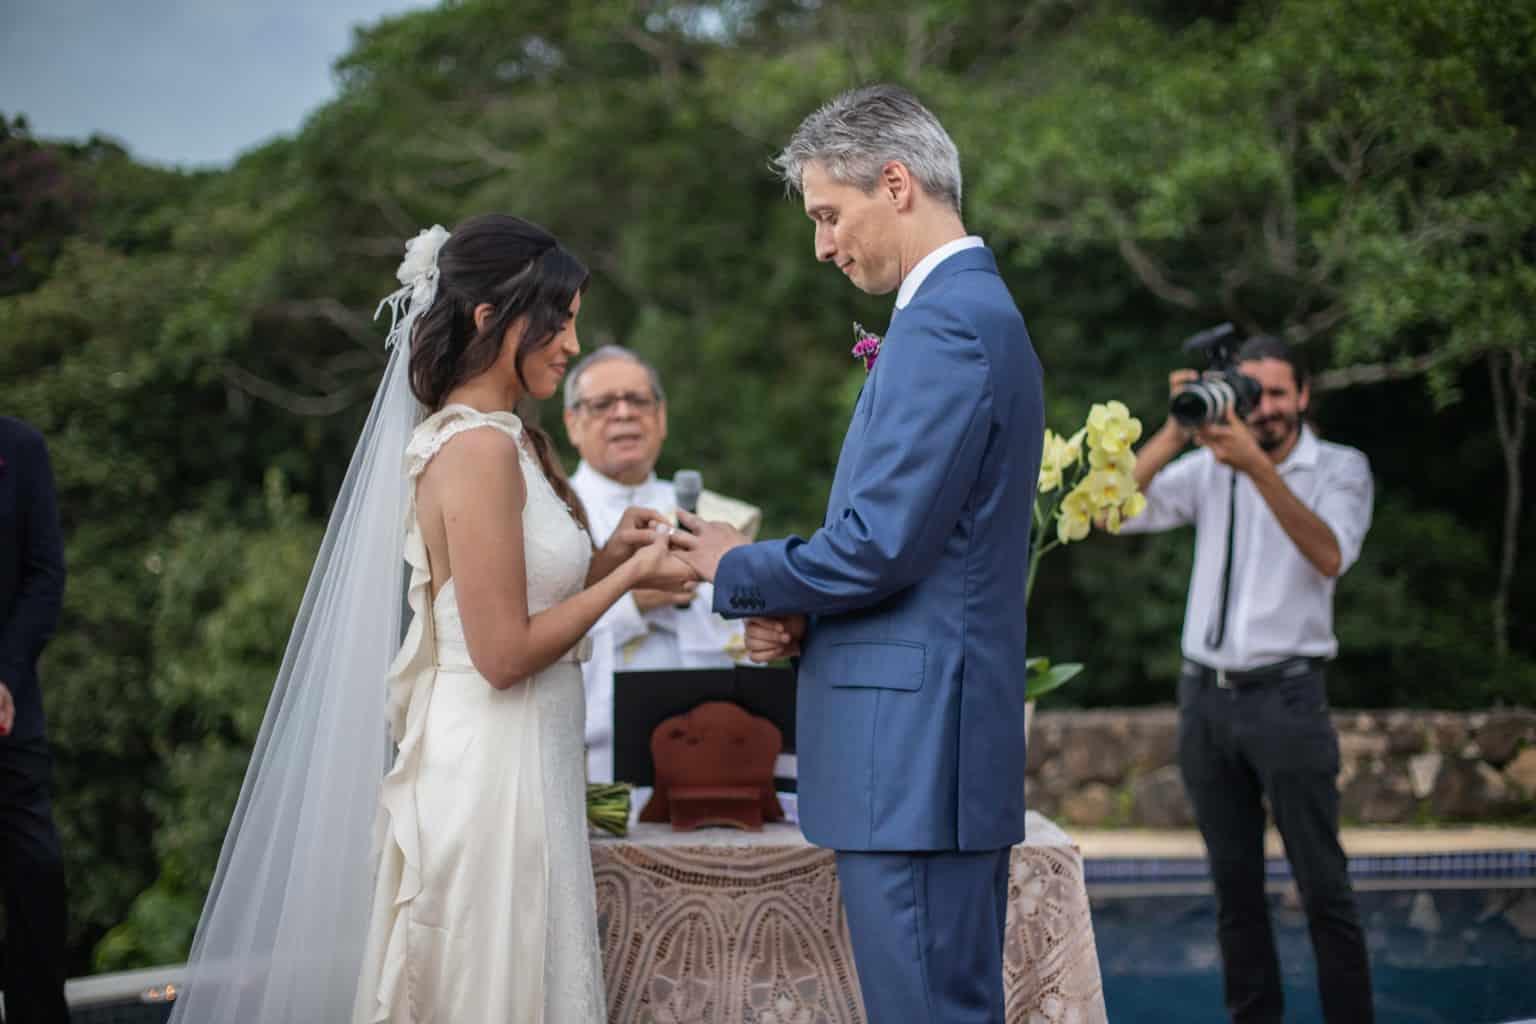 alianças-casamento-na-serra-cerimonia-ao-ar-livre-Fotografia-Laura-Campanella-graviola-filmes-Juliana-e-Sebastian-noivos-no-altar-Pousada-La-Belle-Bruna217